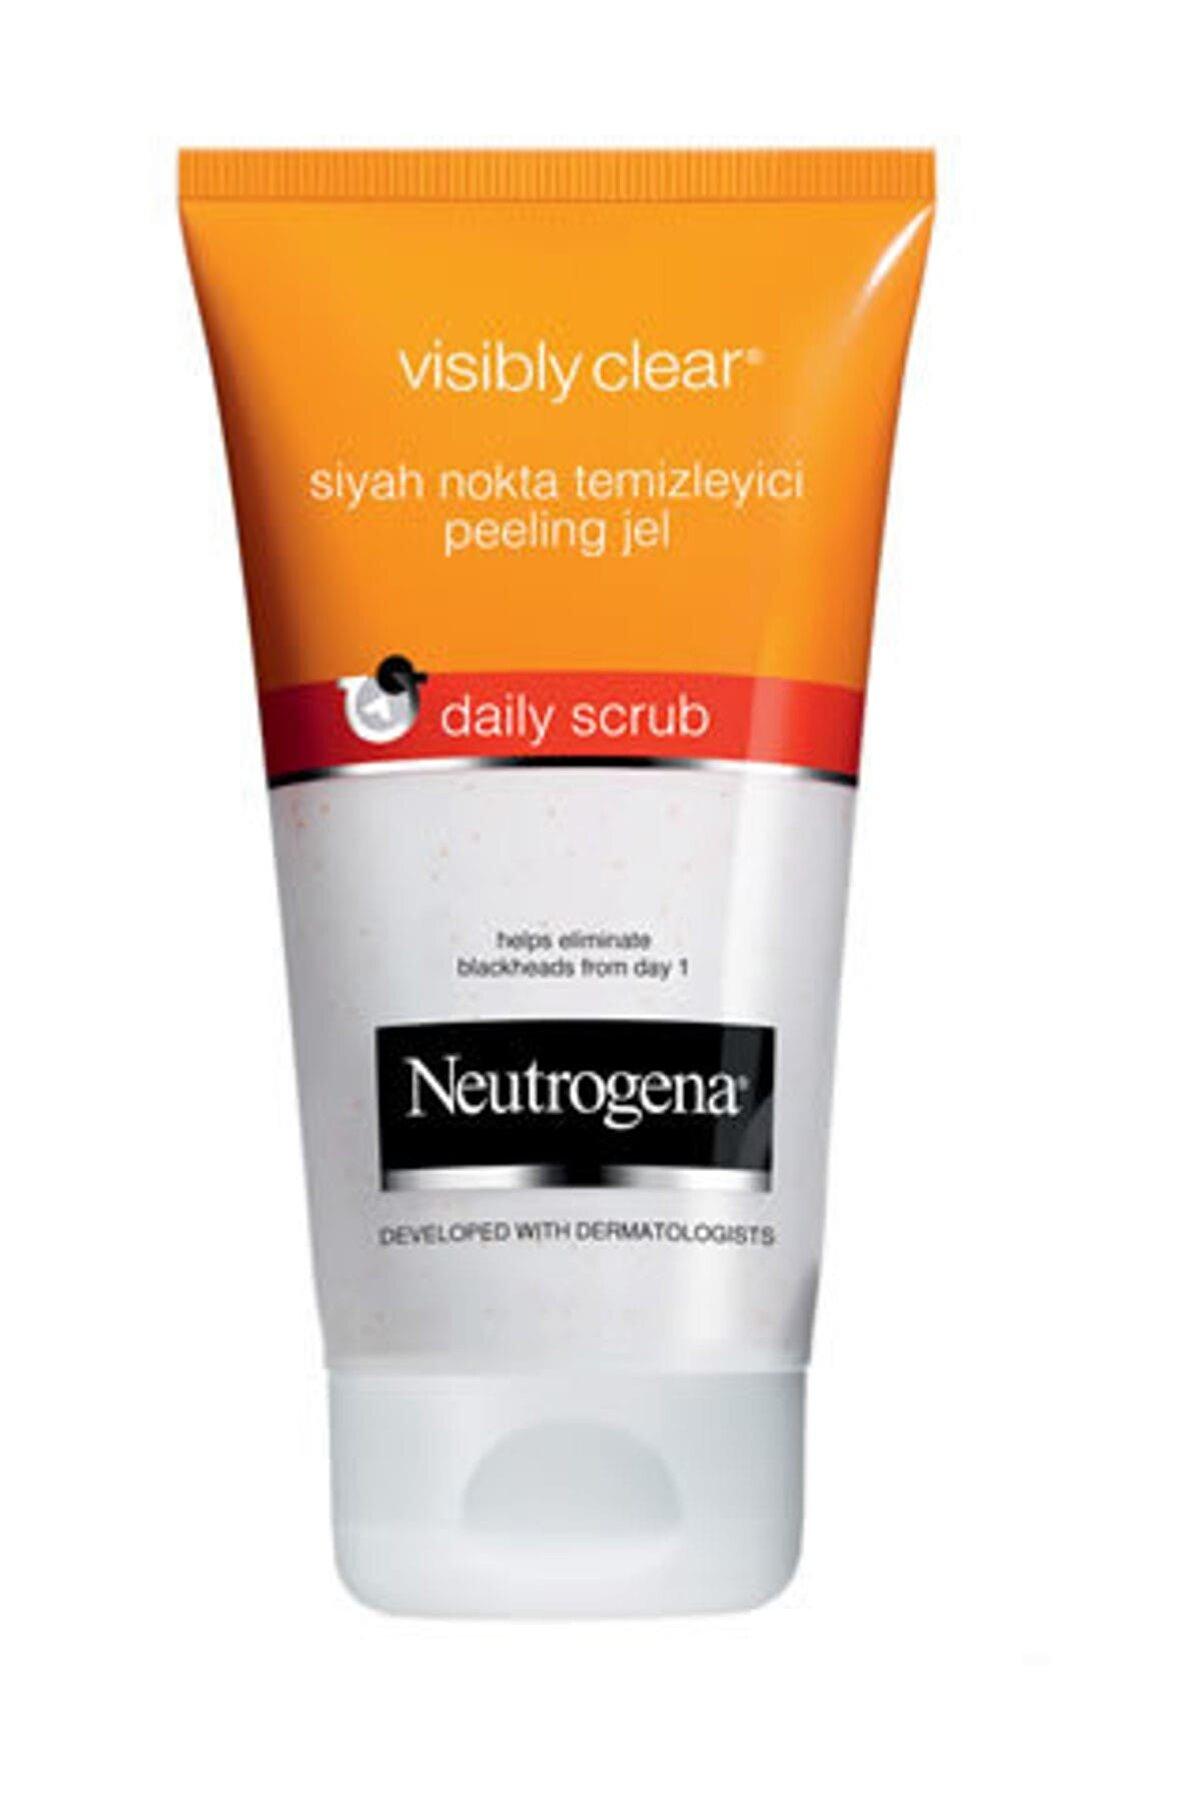 Neutrogena Visibly Clear Siyah Nokta Temizleyici Peeling 150 ml